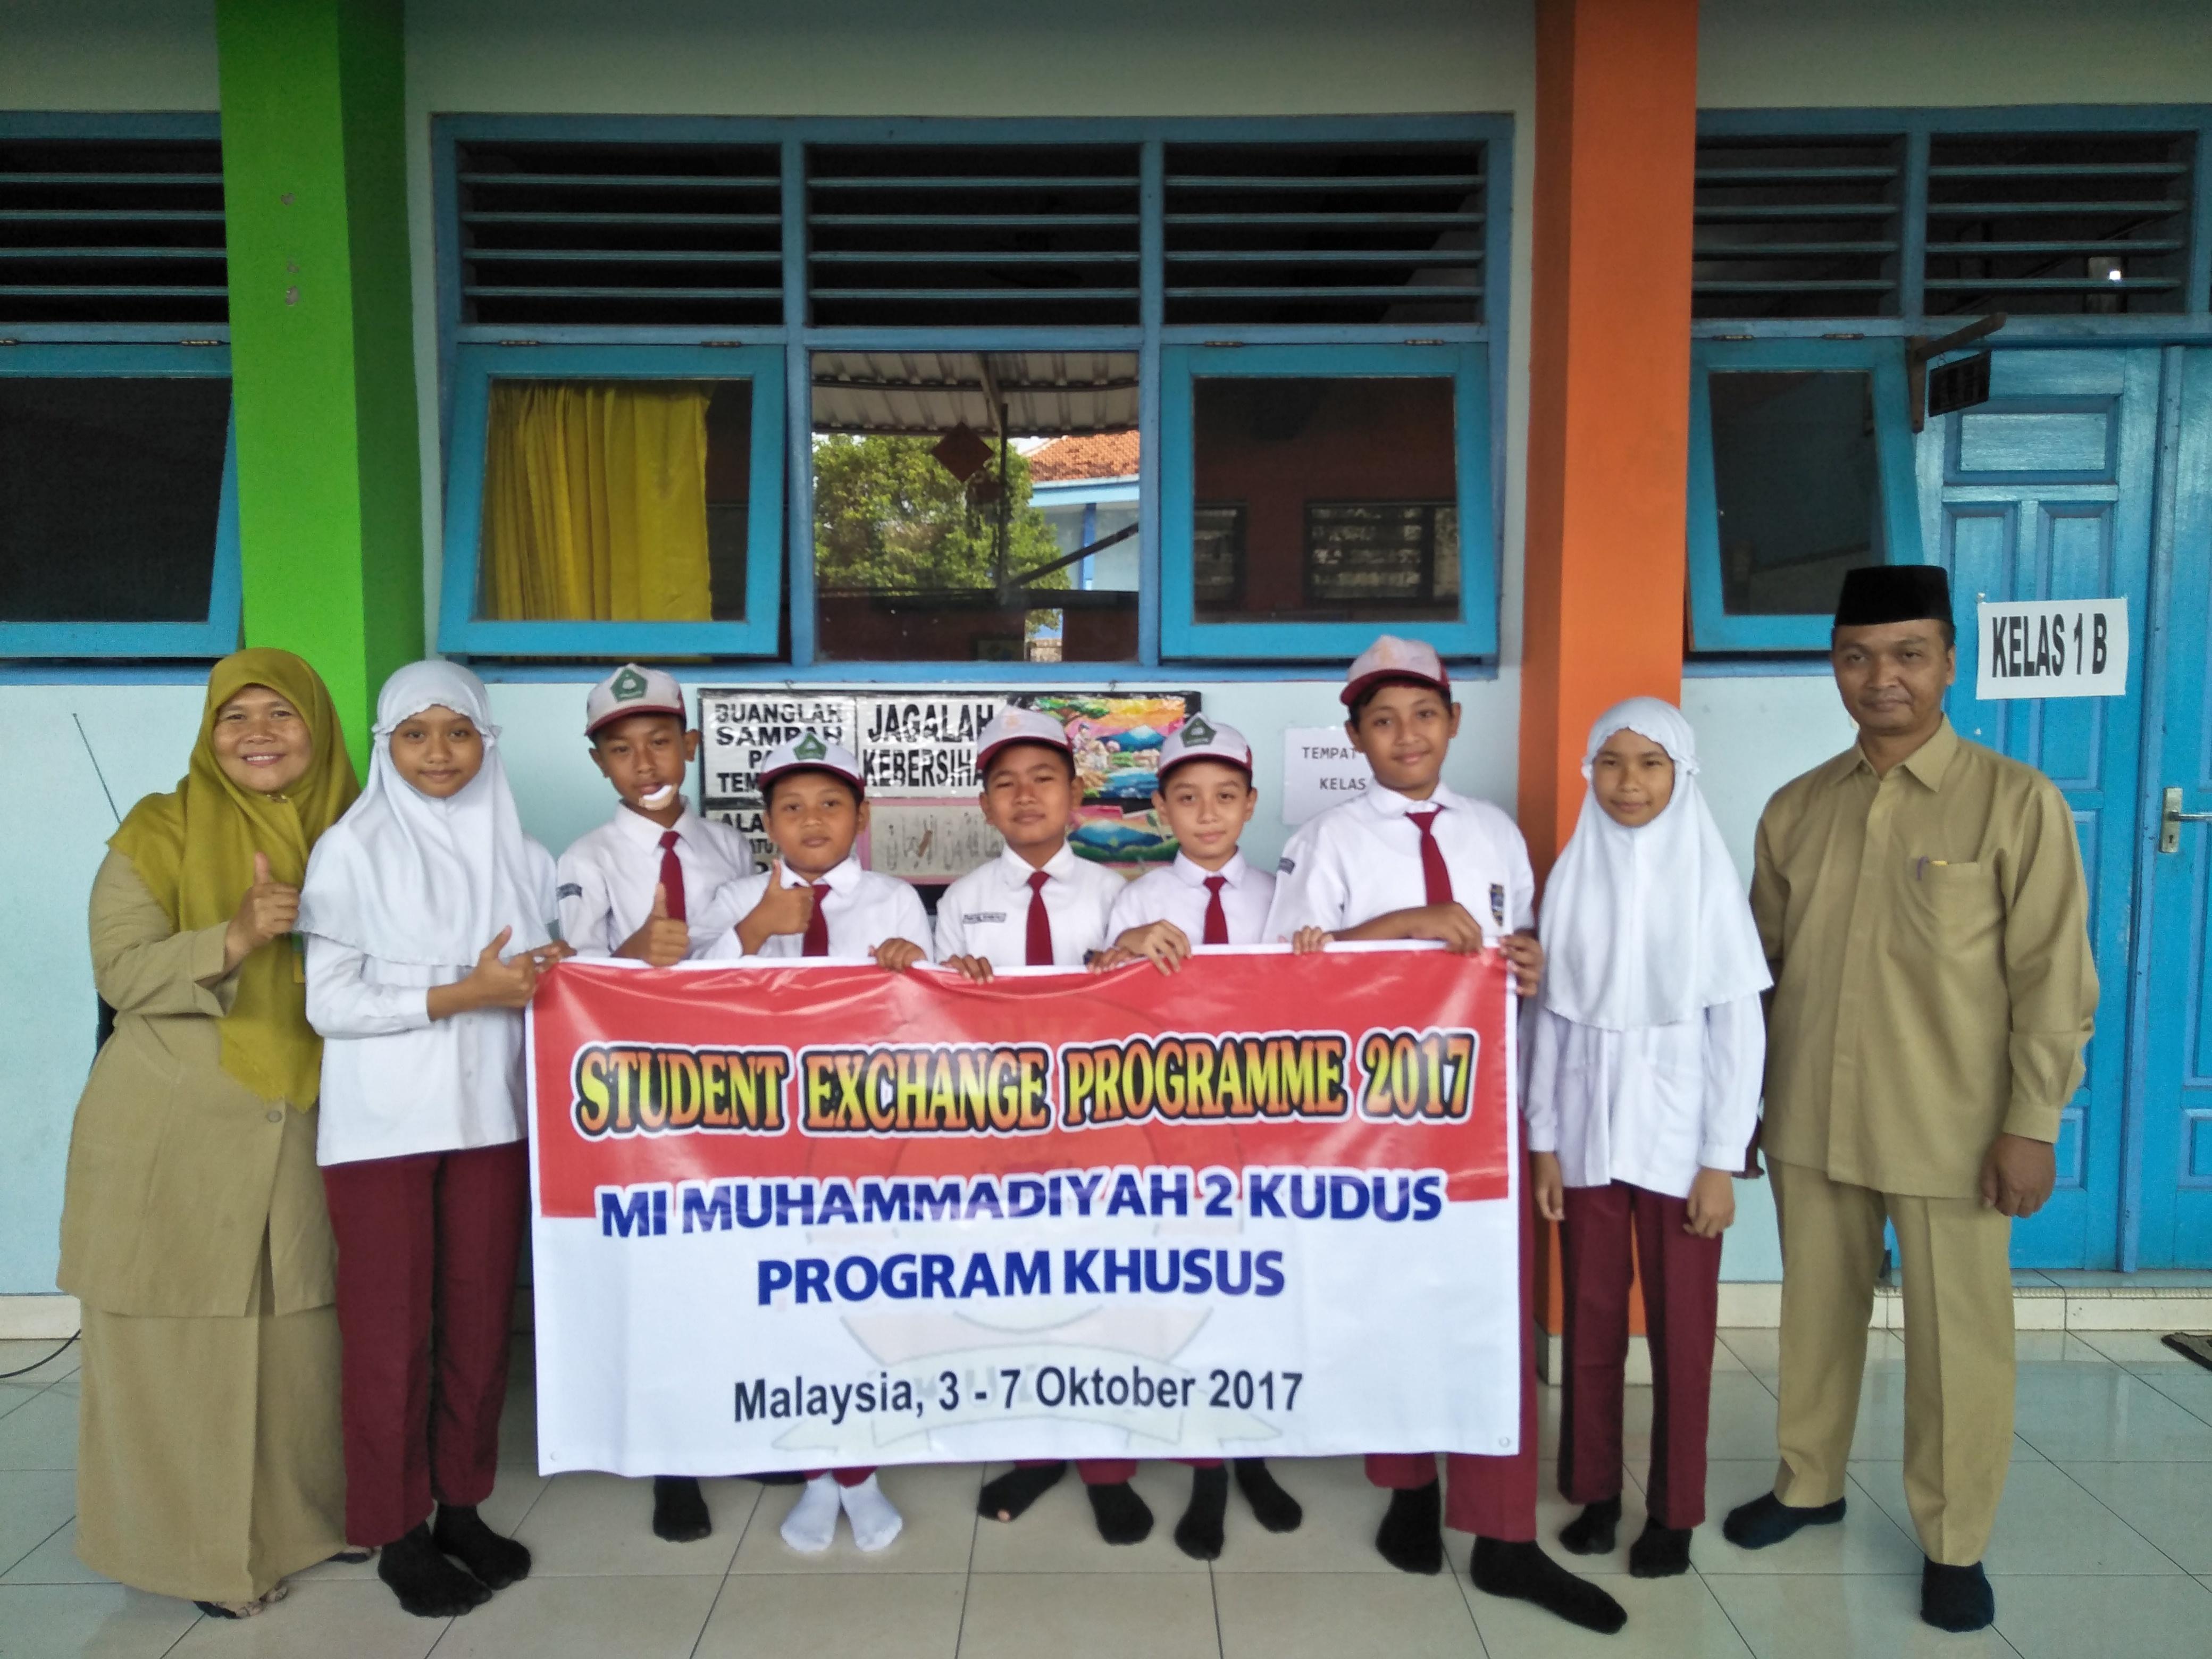 Duta Pendidikan dan Kebudayaan dari Kudus untuk Indonesia